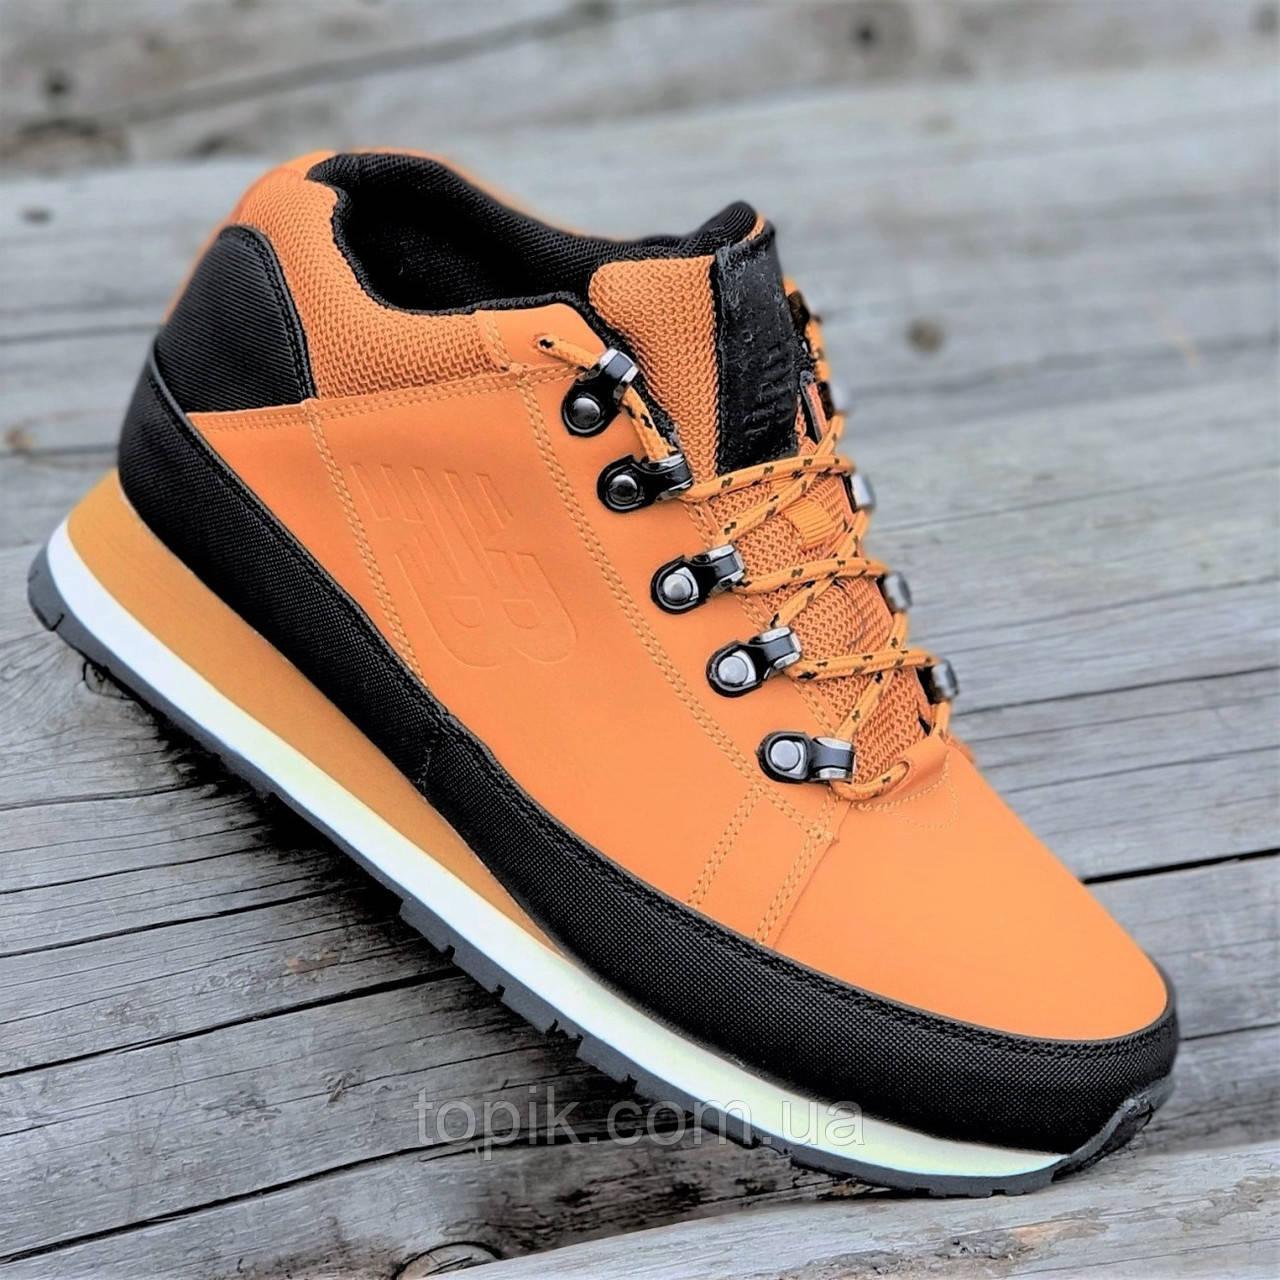 Кроссовки ботинки зимние New Balance 754 реплика мужские кожаные рыжие  легкие удобные (Код  1292) cc7f31907f8